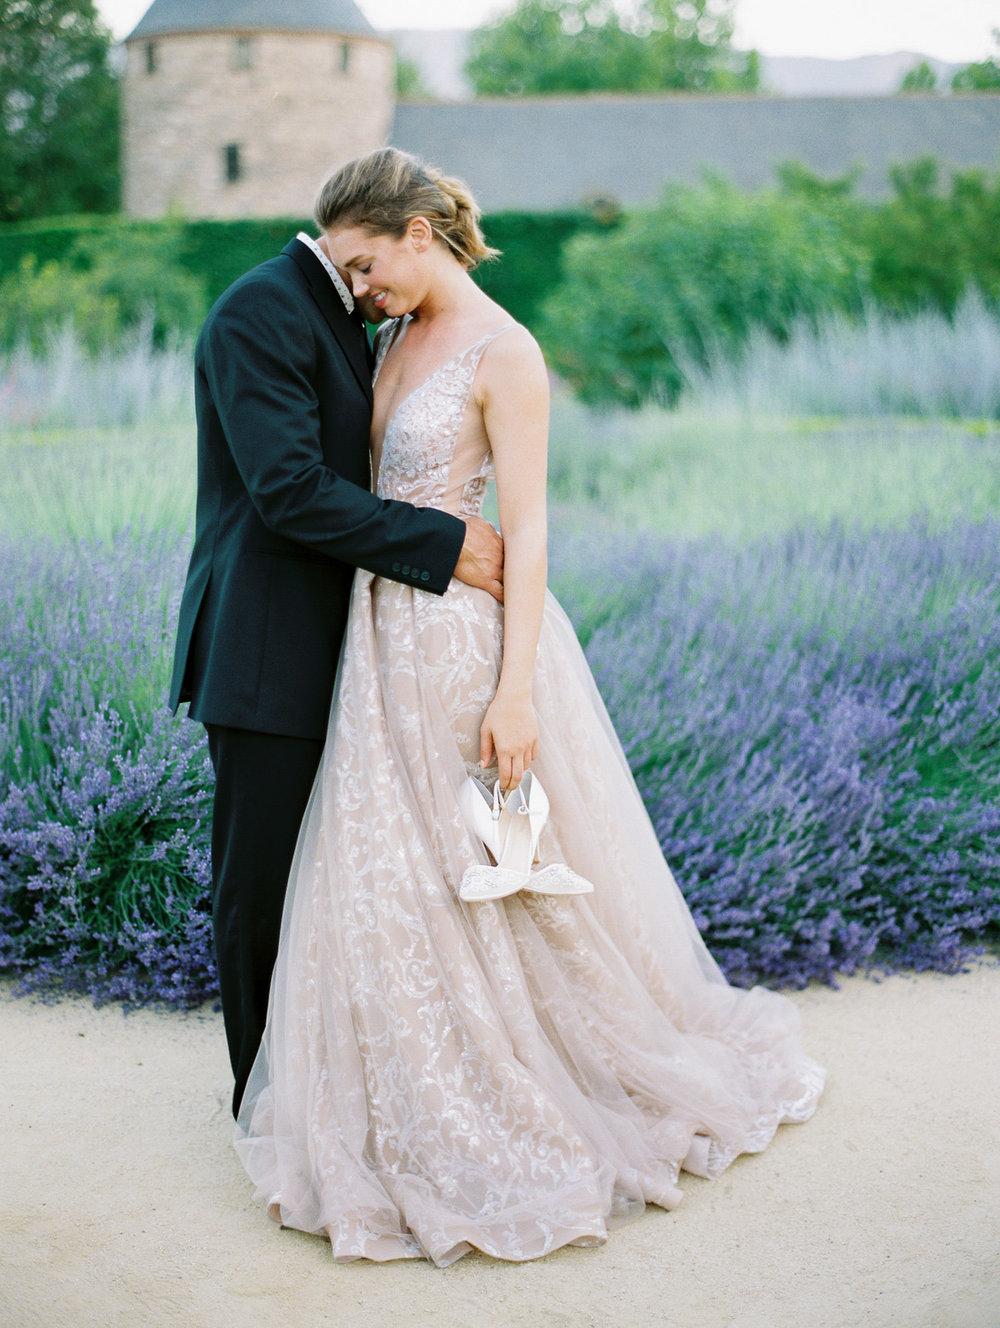 kestrel-park-wedding-photographer-86.jpg